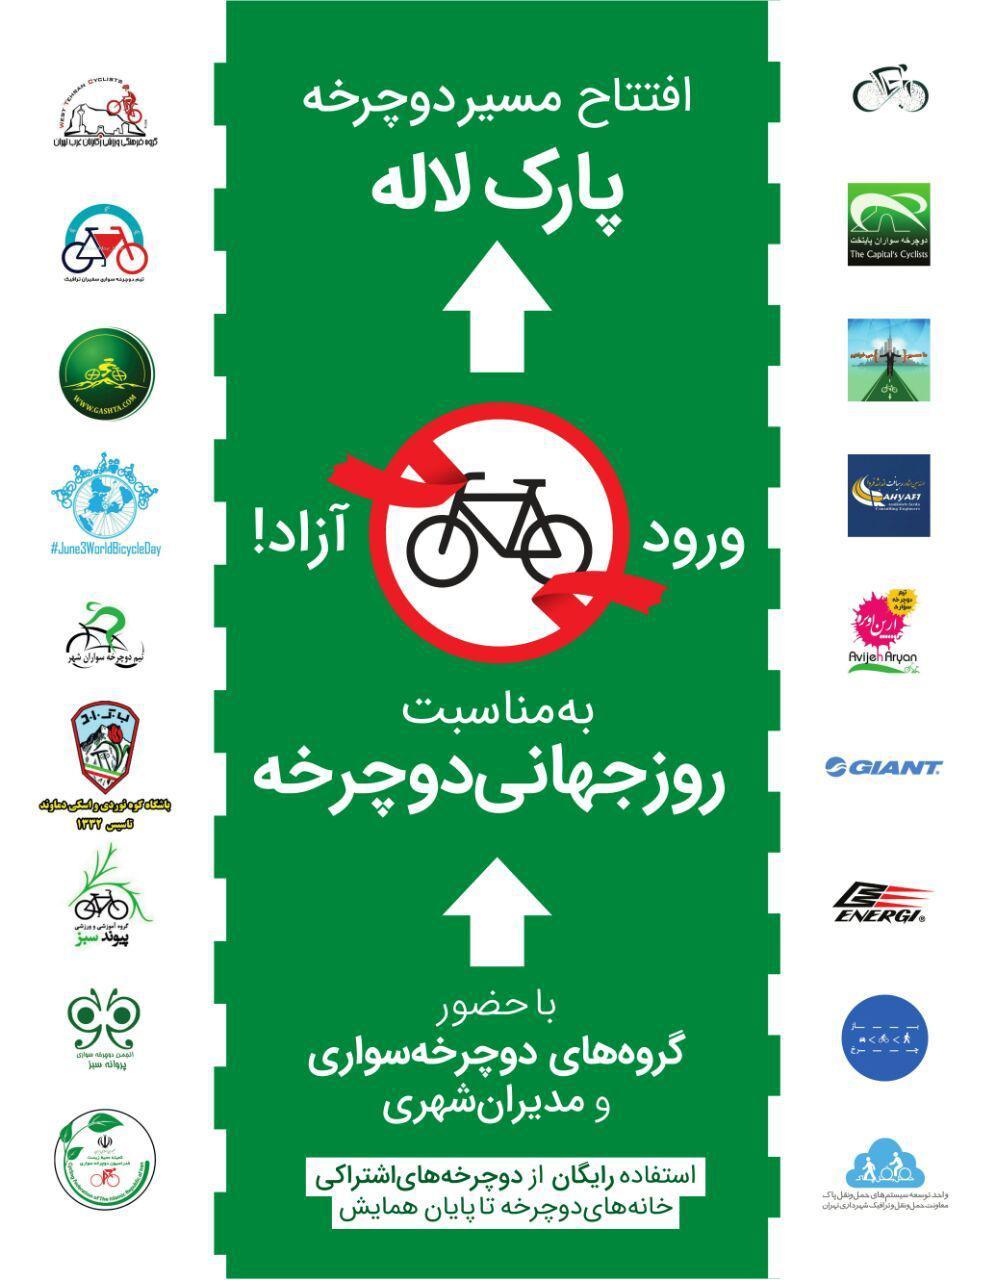 افتتاح دوچرخه راه بوستان لاله تهران